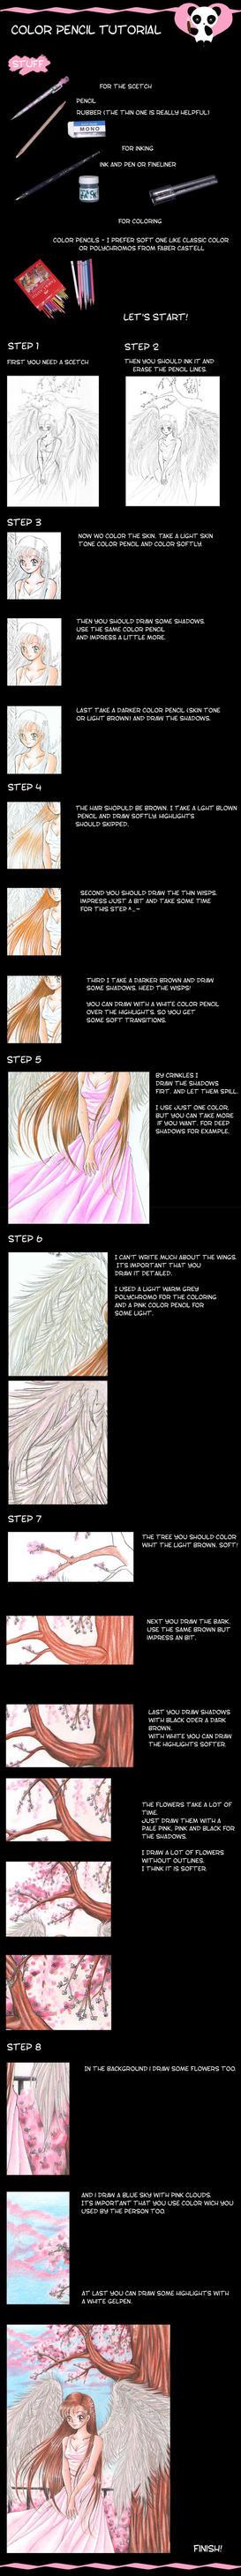 Color Pencil Tutorial Part I by Mana-Kyusai